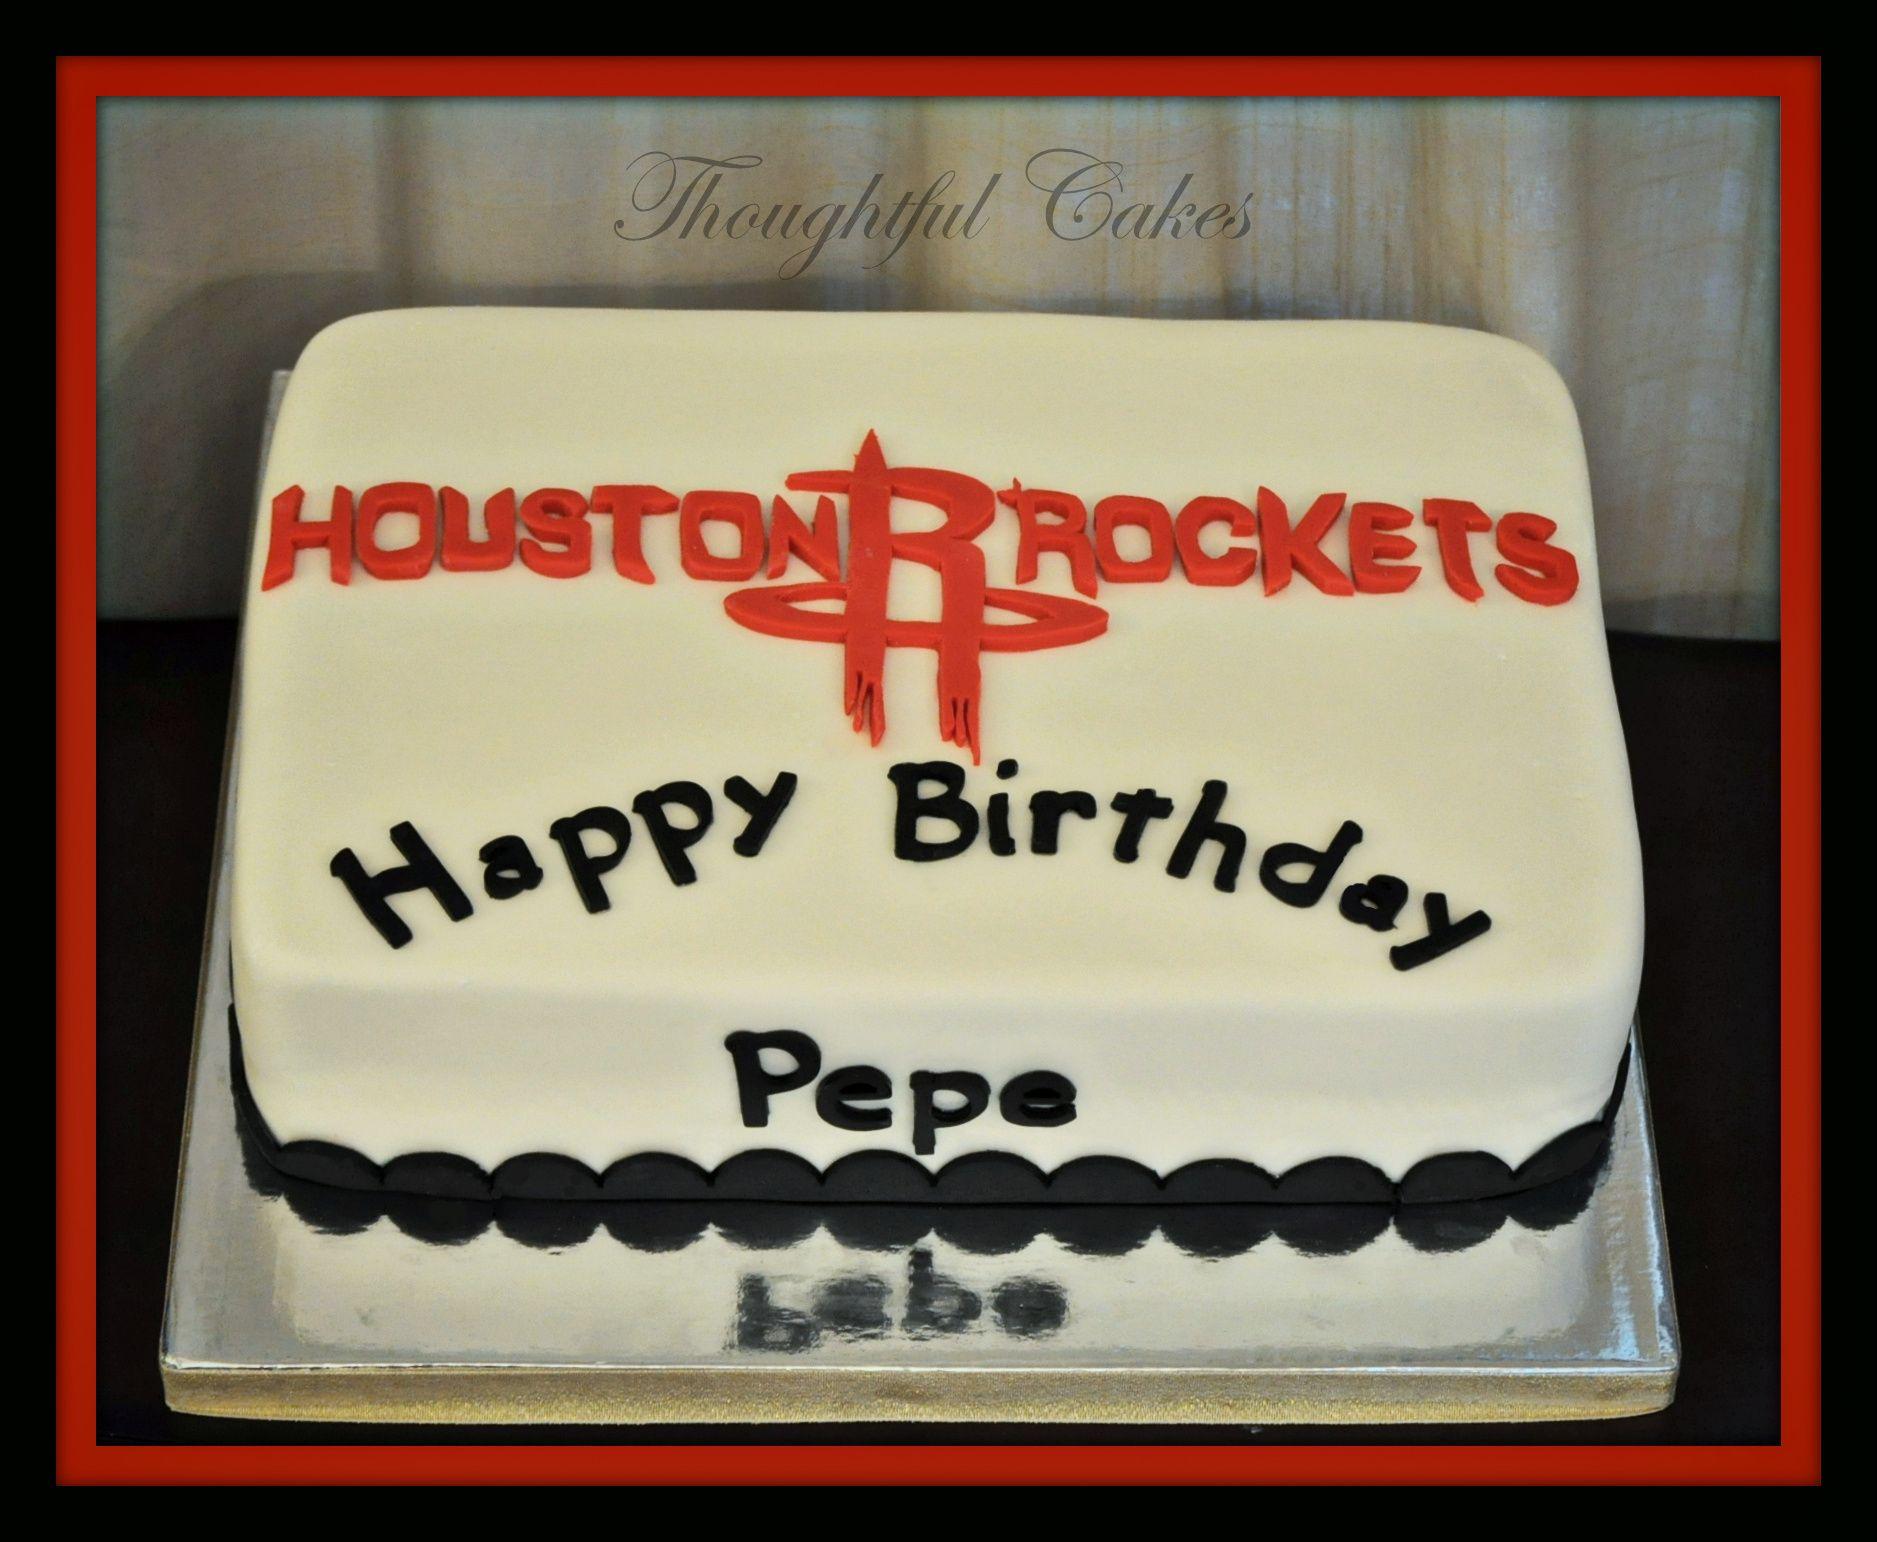 Houston Rockets Cake Thoughtful Cakes